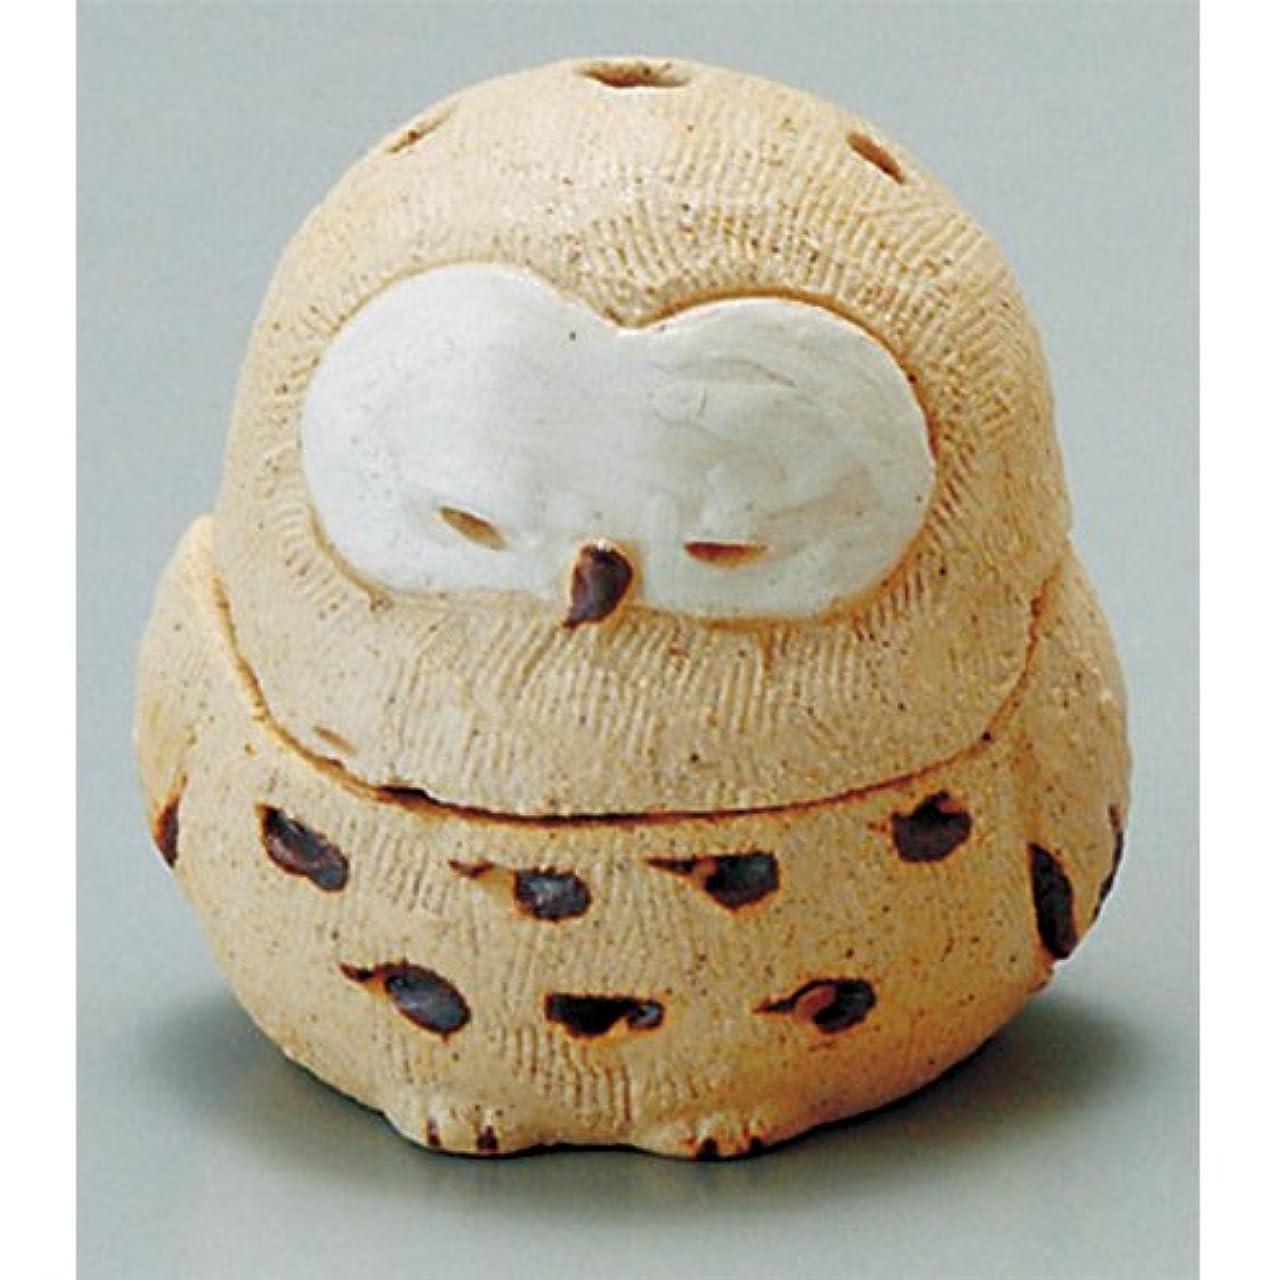 逸脱もの試験香炉 蔵ふくろう 香炉(小) [H6.5cm] HANDMADE プレゼント ギフト 和食器 かわいい インテリア